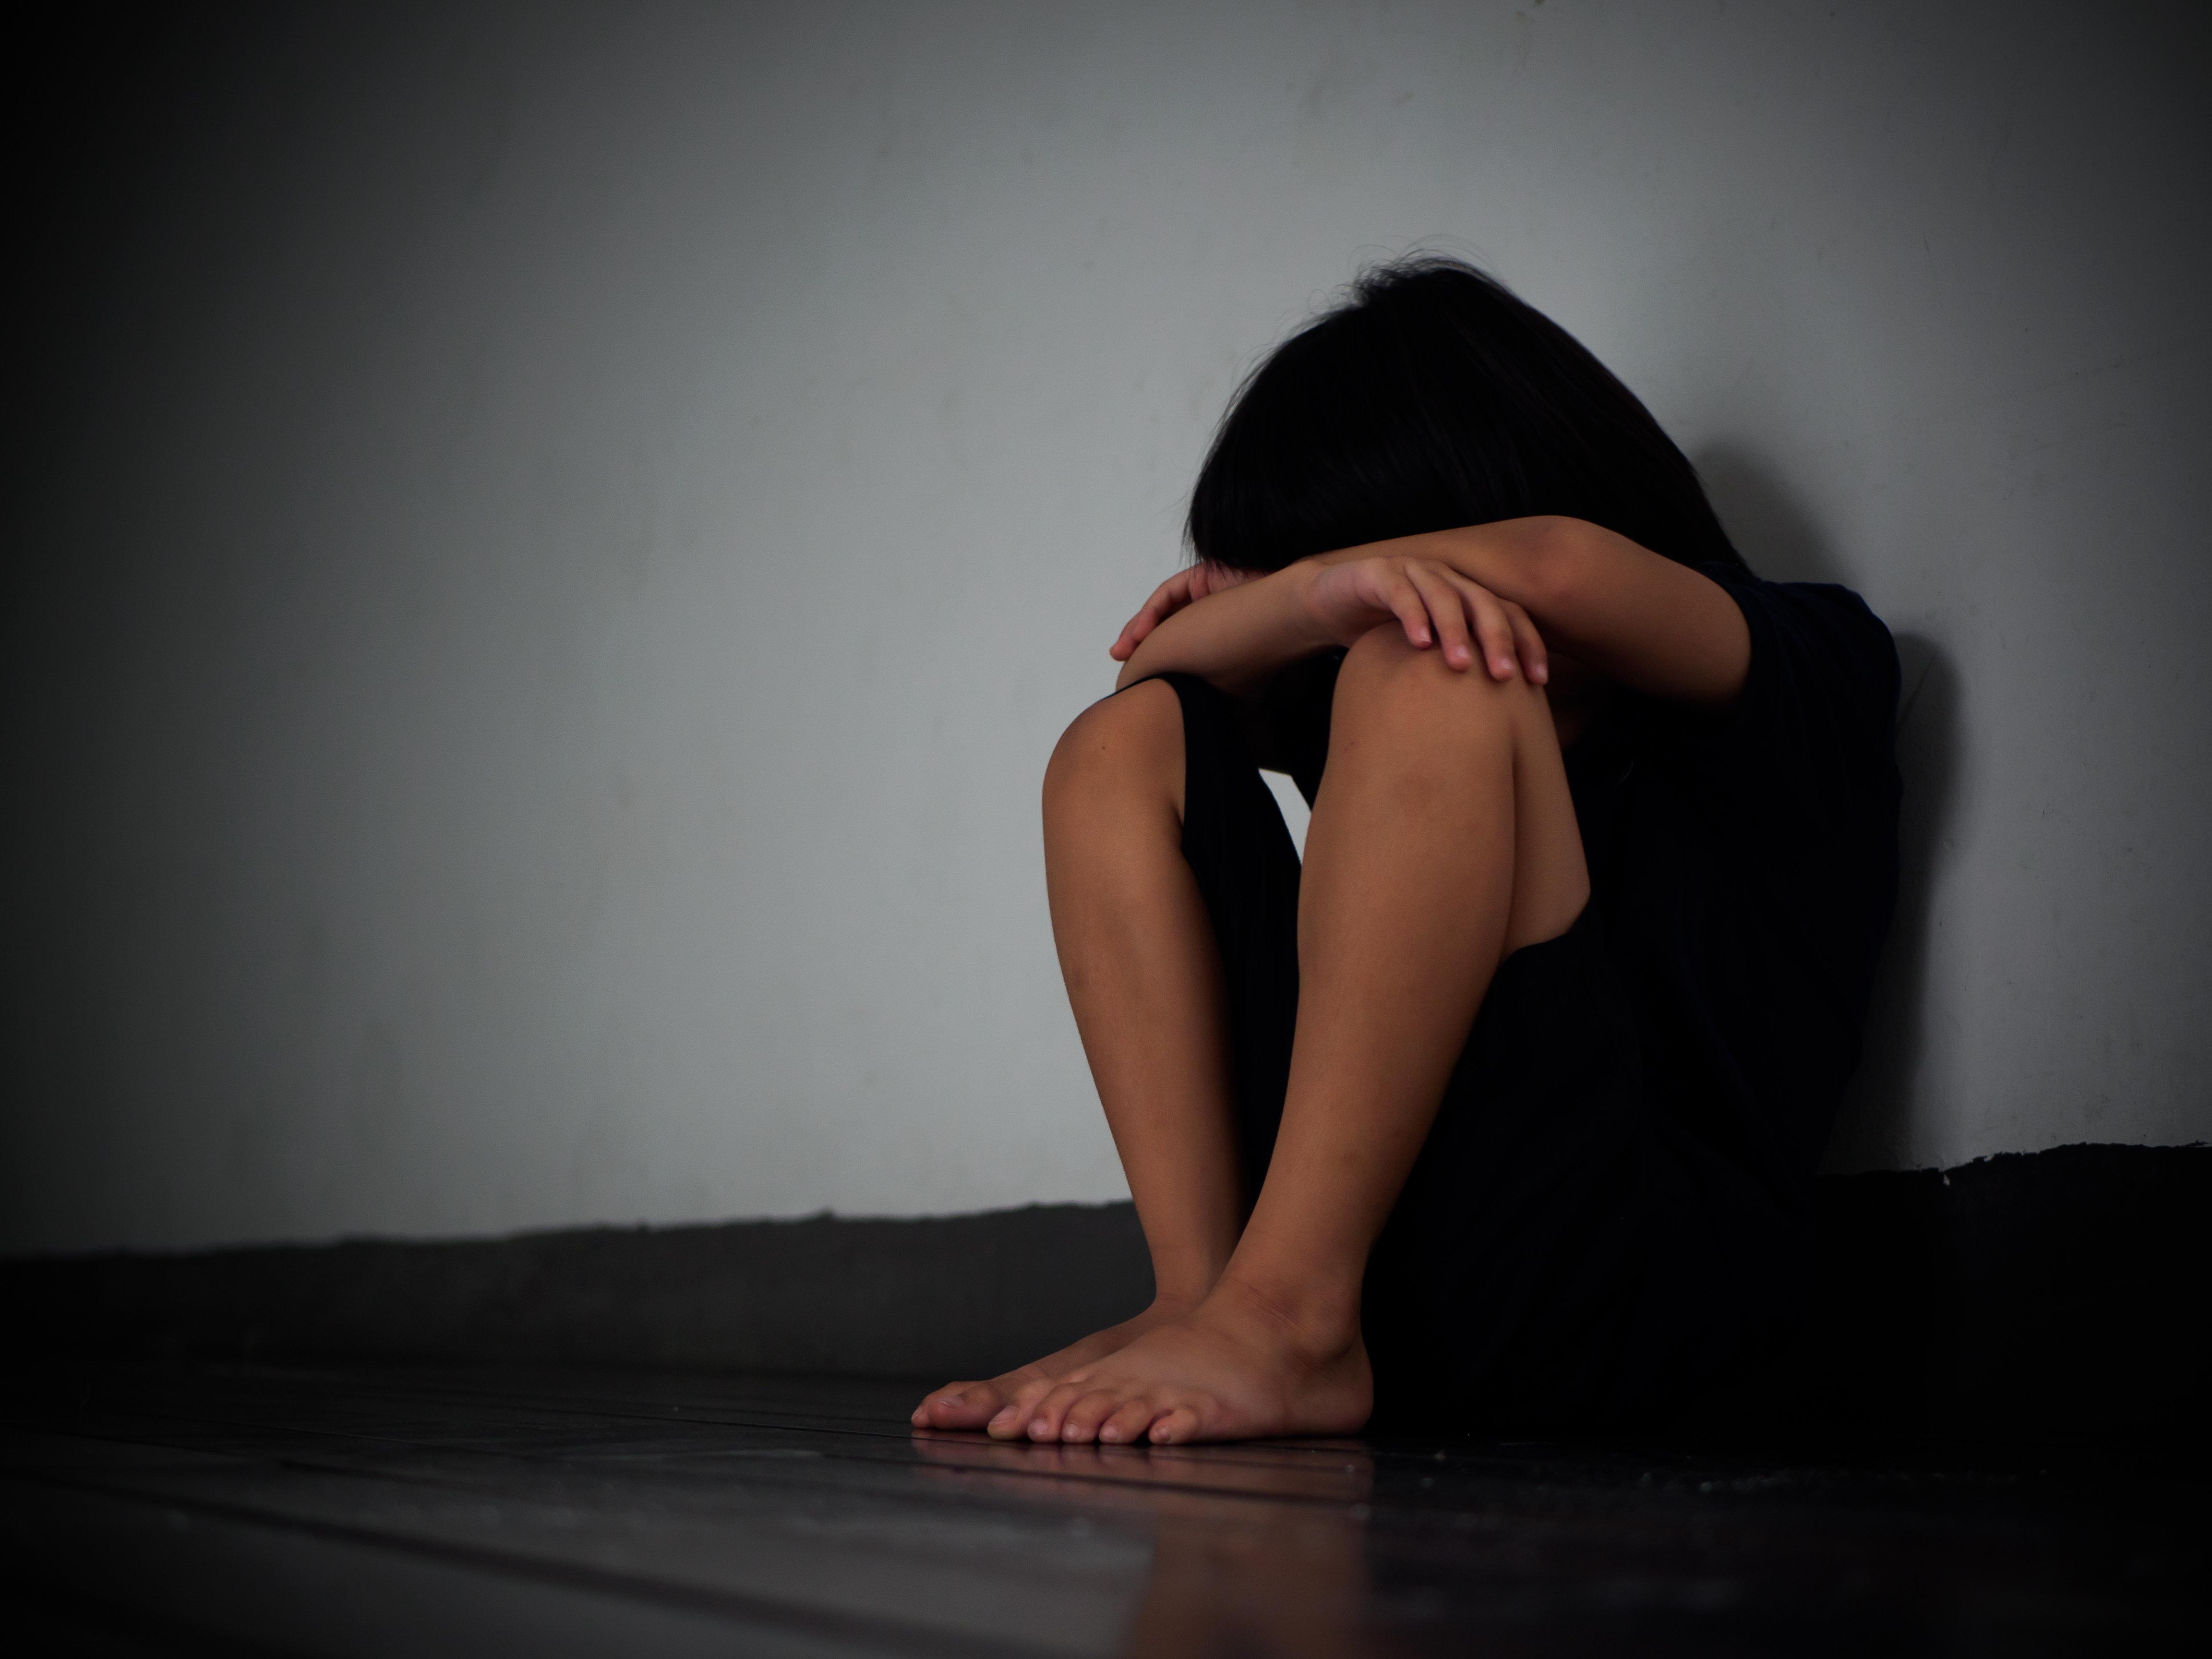 BKA veröffentlicht neue Statistik zur Gewalt gegen Kinder – die Zahlen sind